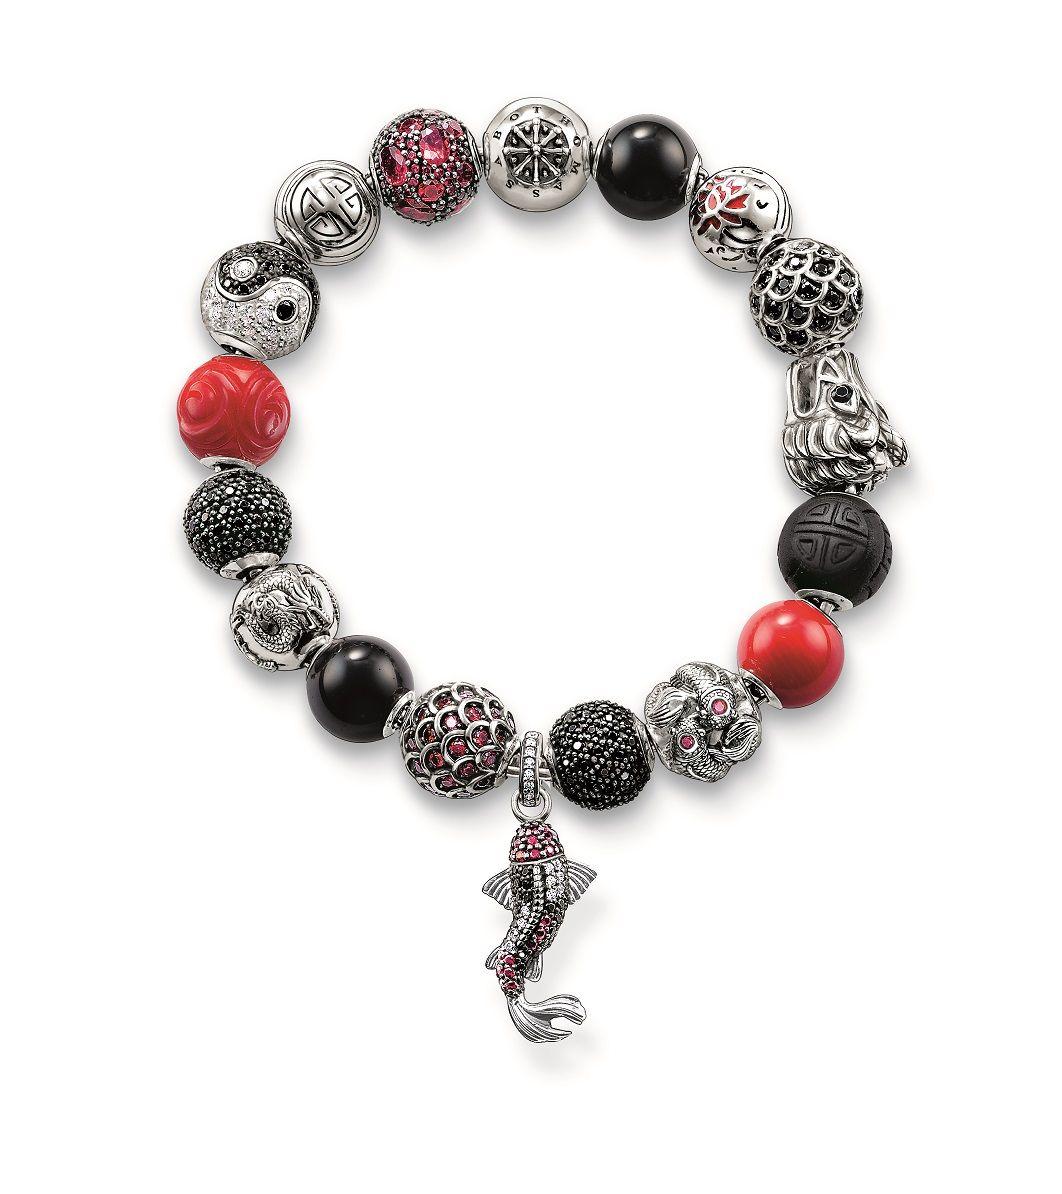 Thomas Sabo Karma Bracelet Shop Our Extensive Selection Of Thomas Sabo  Jewelry At Lovemyswag